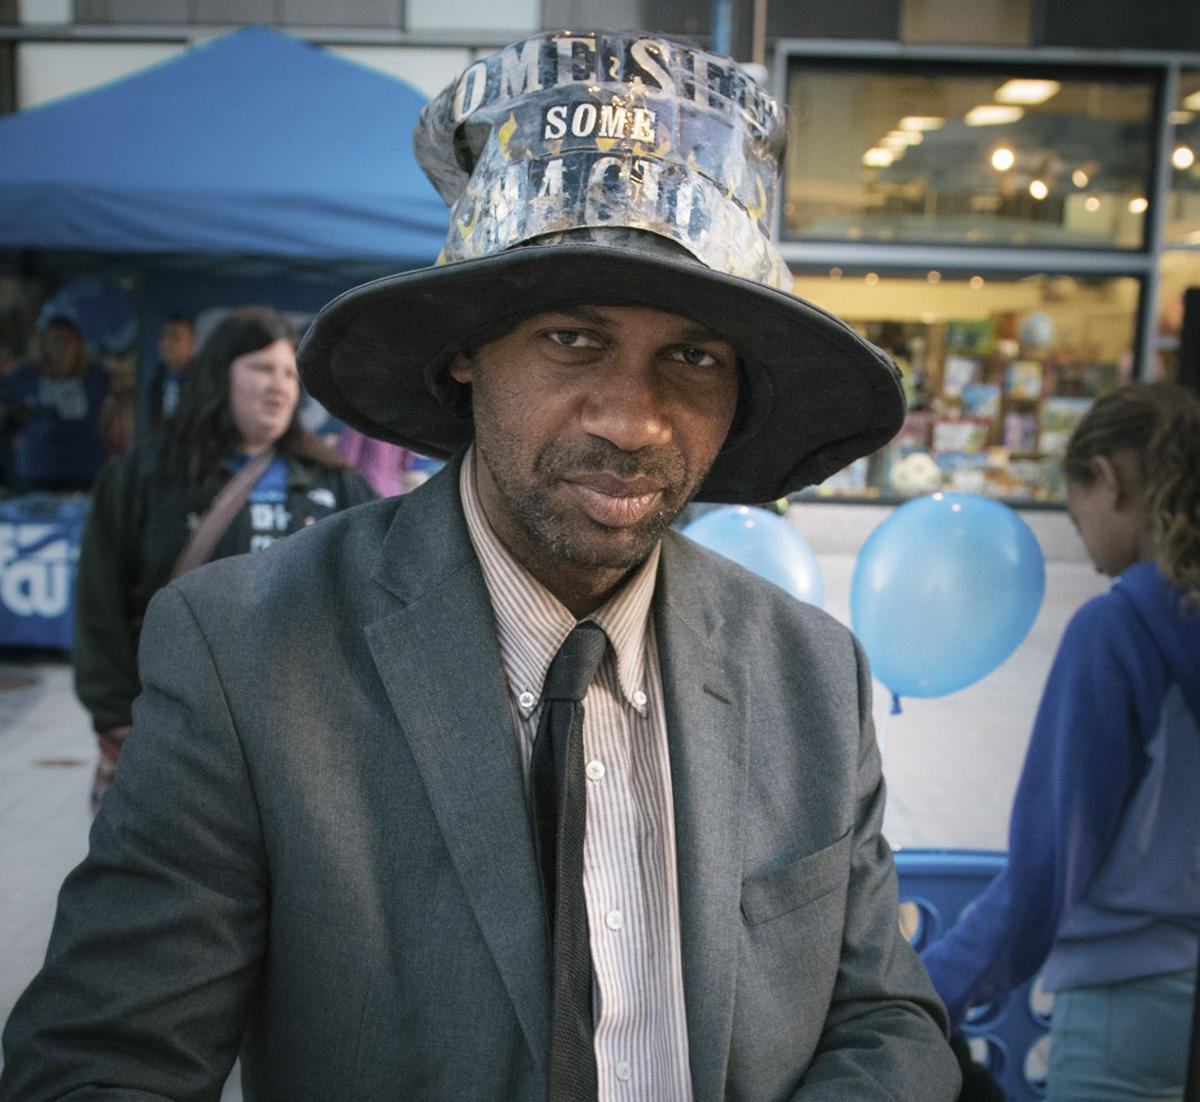 William Metro, the Magic Man